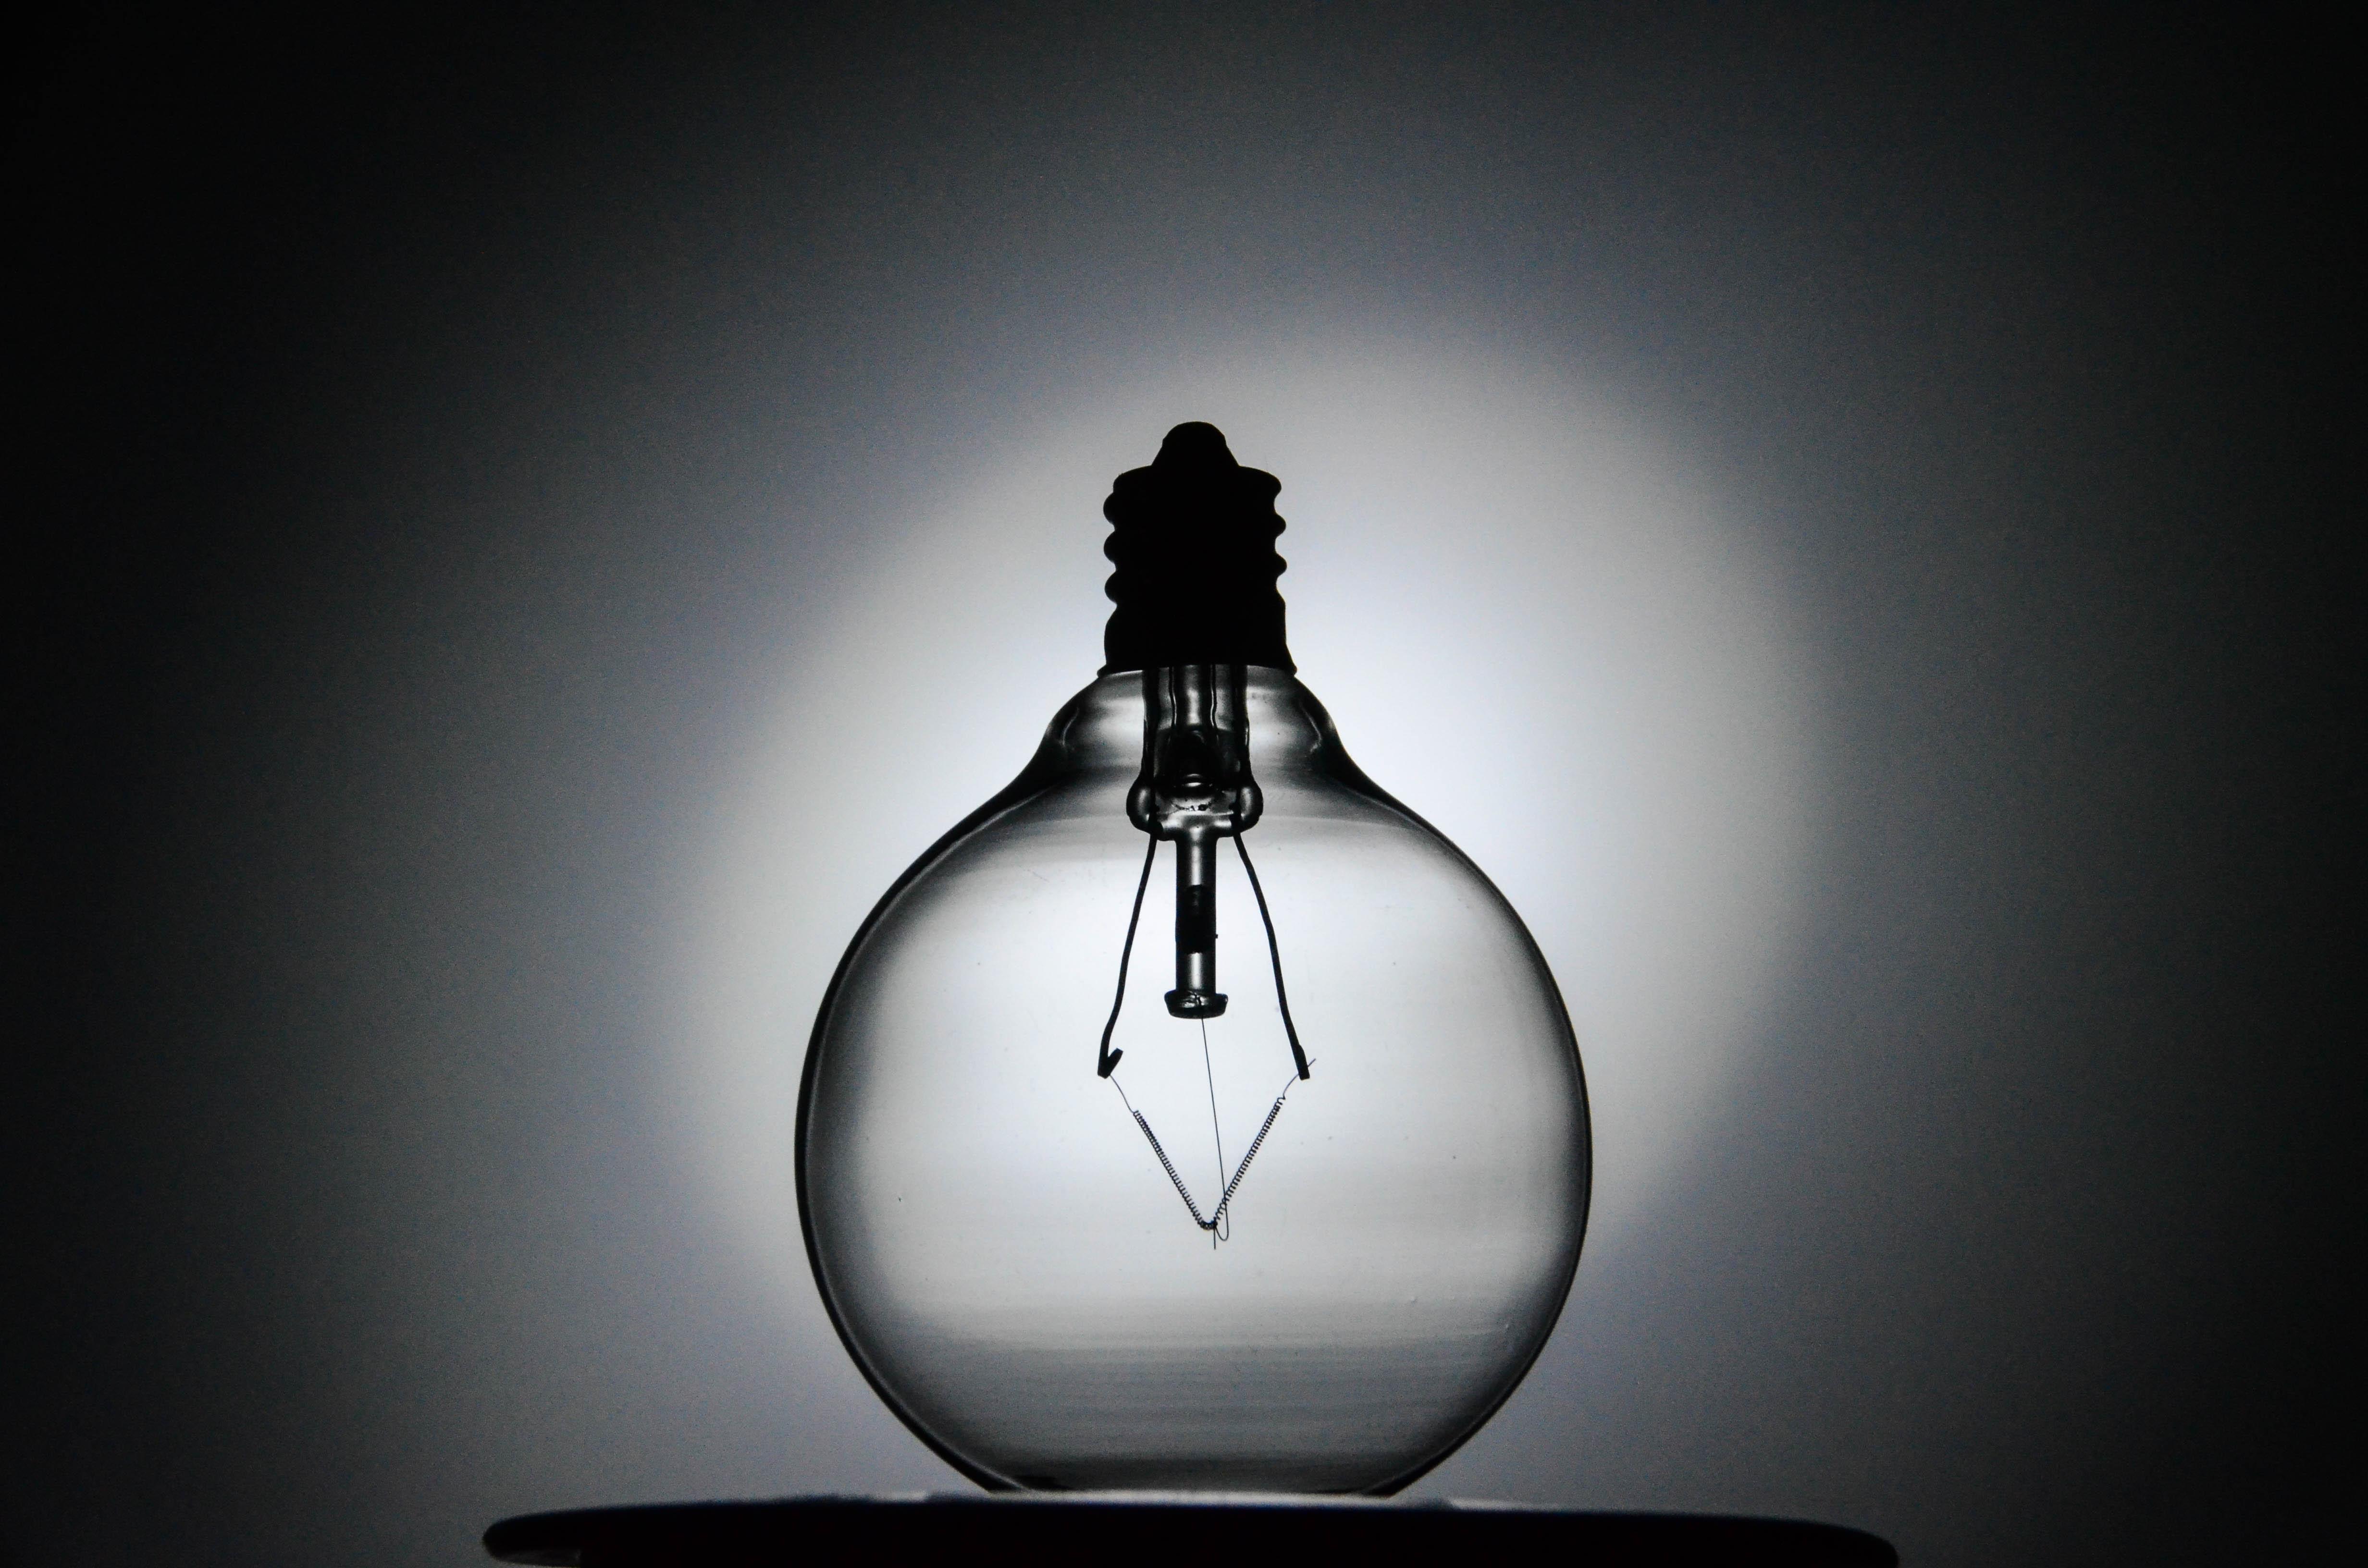 Wallpaper : dark, lightbulb, silhouette, indoors, glass, globe ... for Idea Light Bulb Wallpaper  45gtk